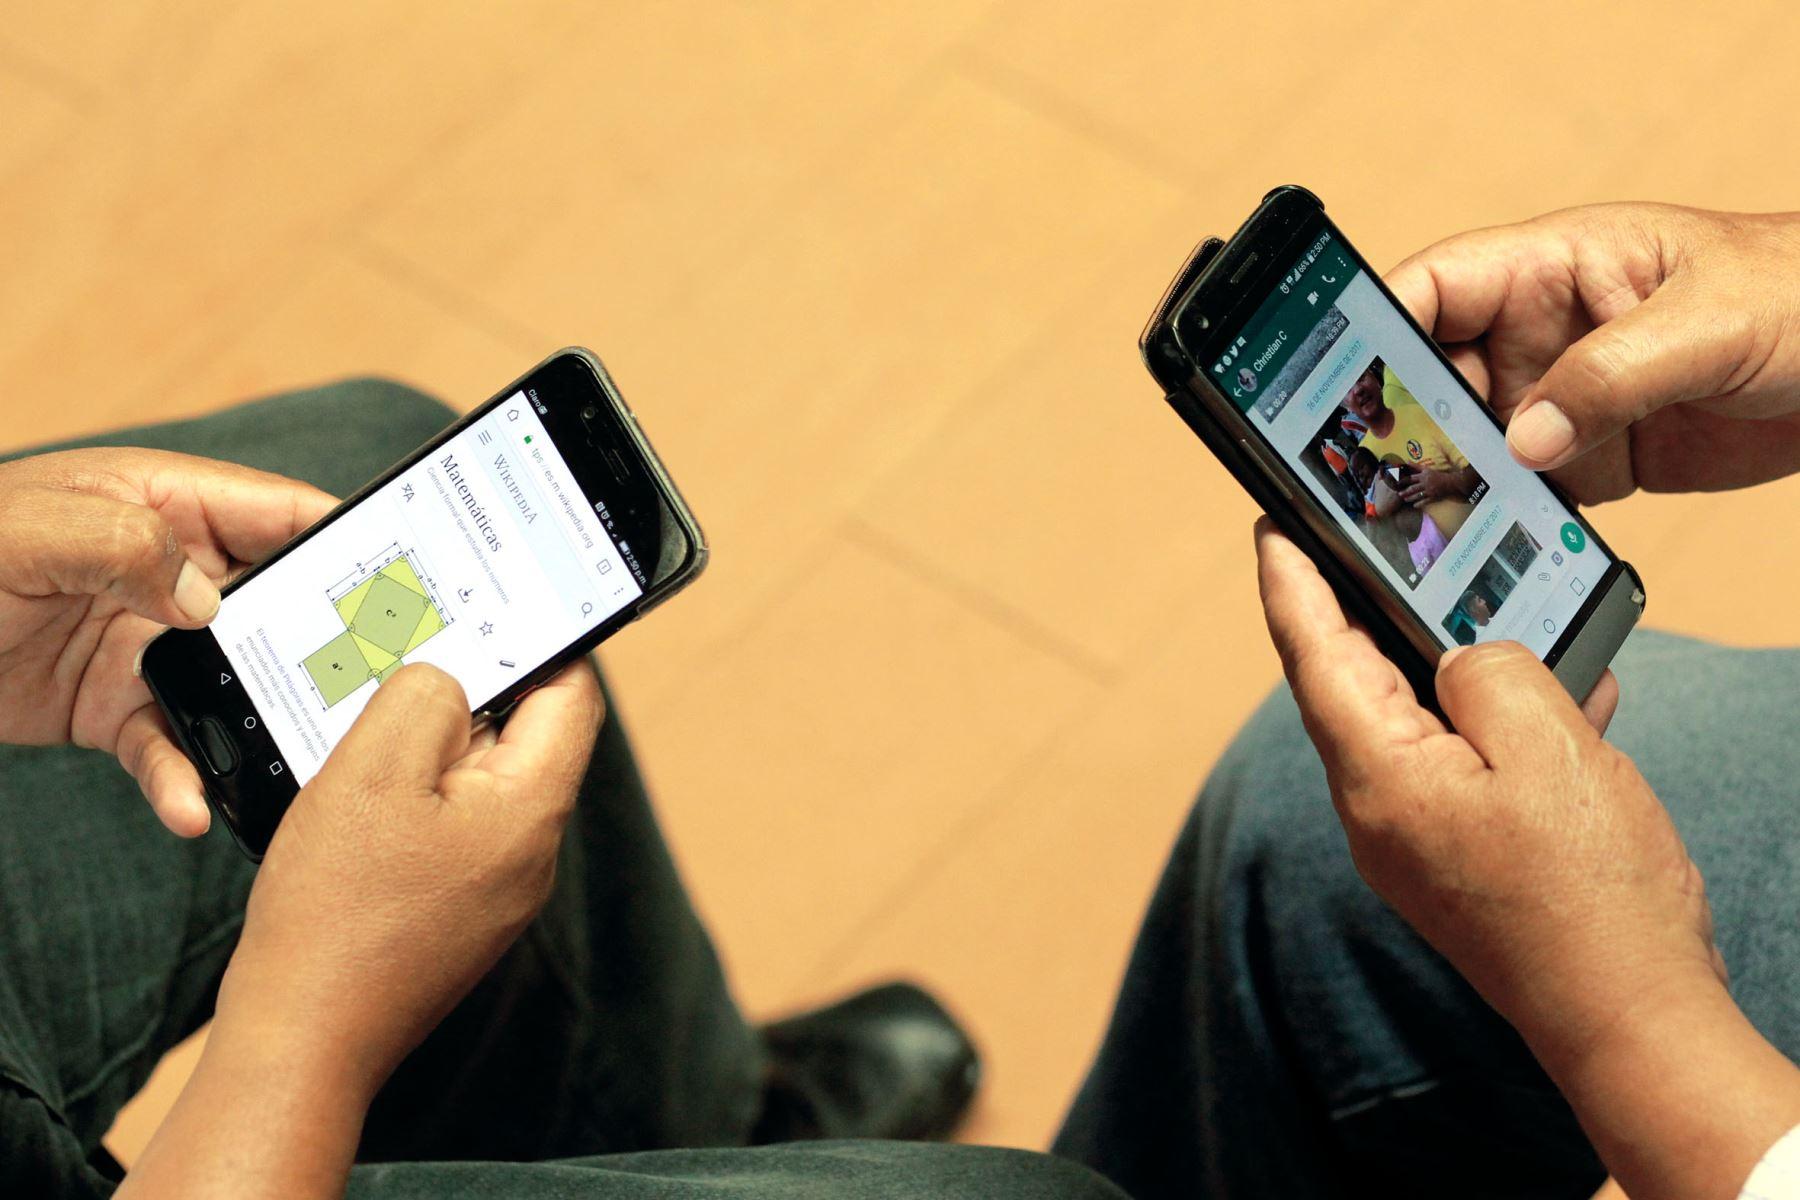 Estudio analiza tendencias de uso de smartphones